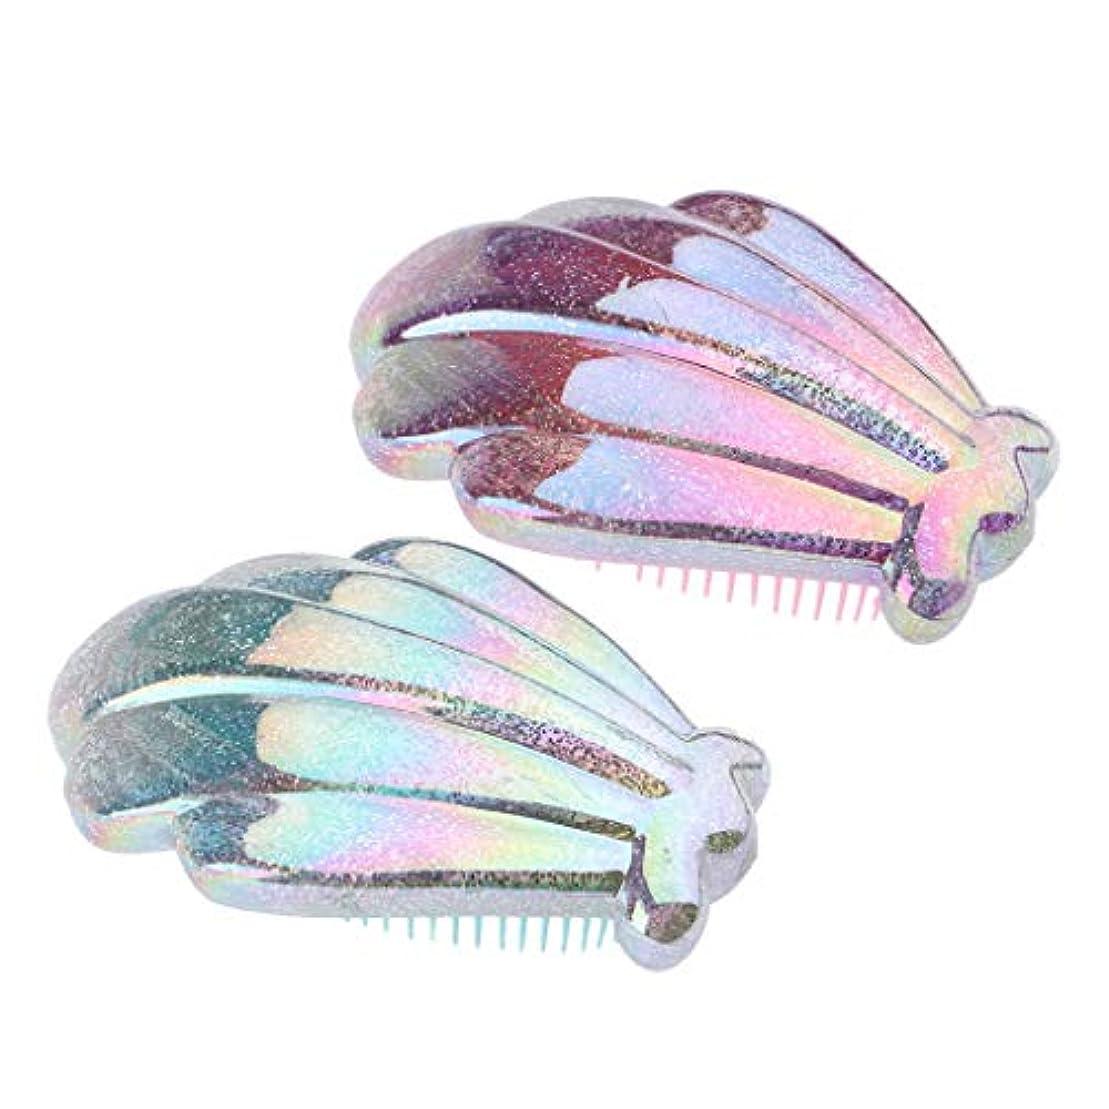 応答染色バーターヘアブラシ クッションブラシ コーム 櫛 ヘアケア 髪 美髪ケア 静電気防止 頭皮マッサージ 2個入